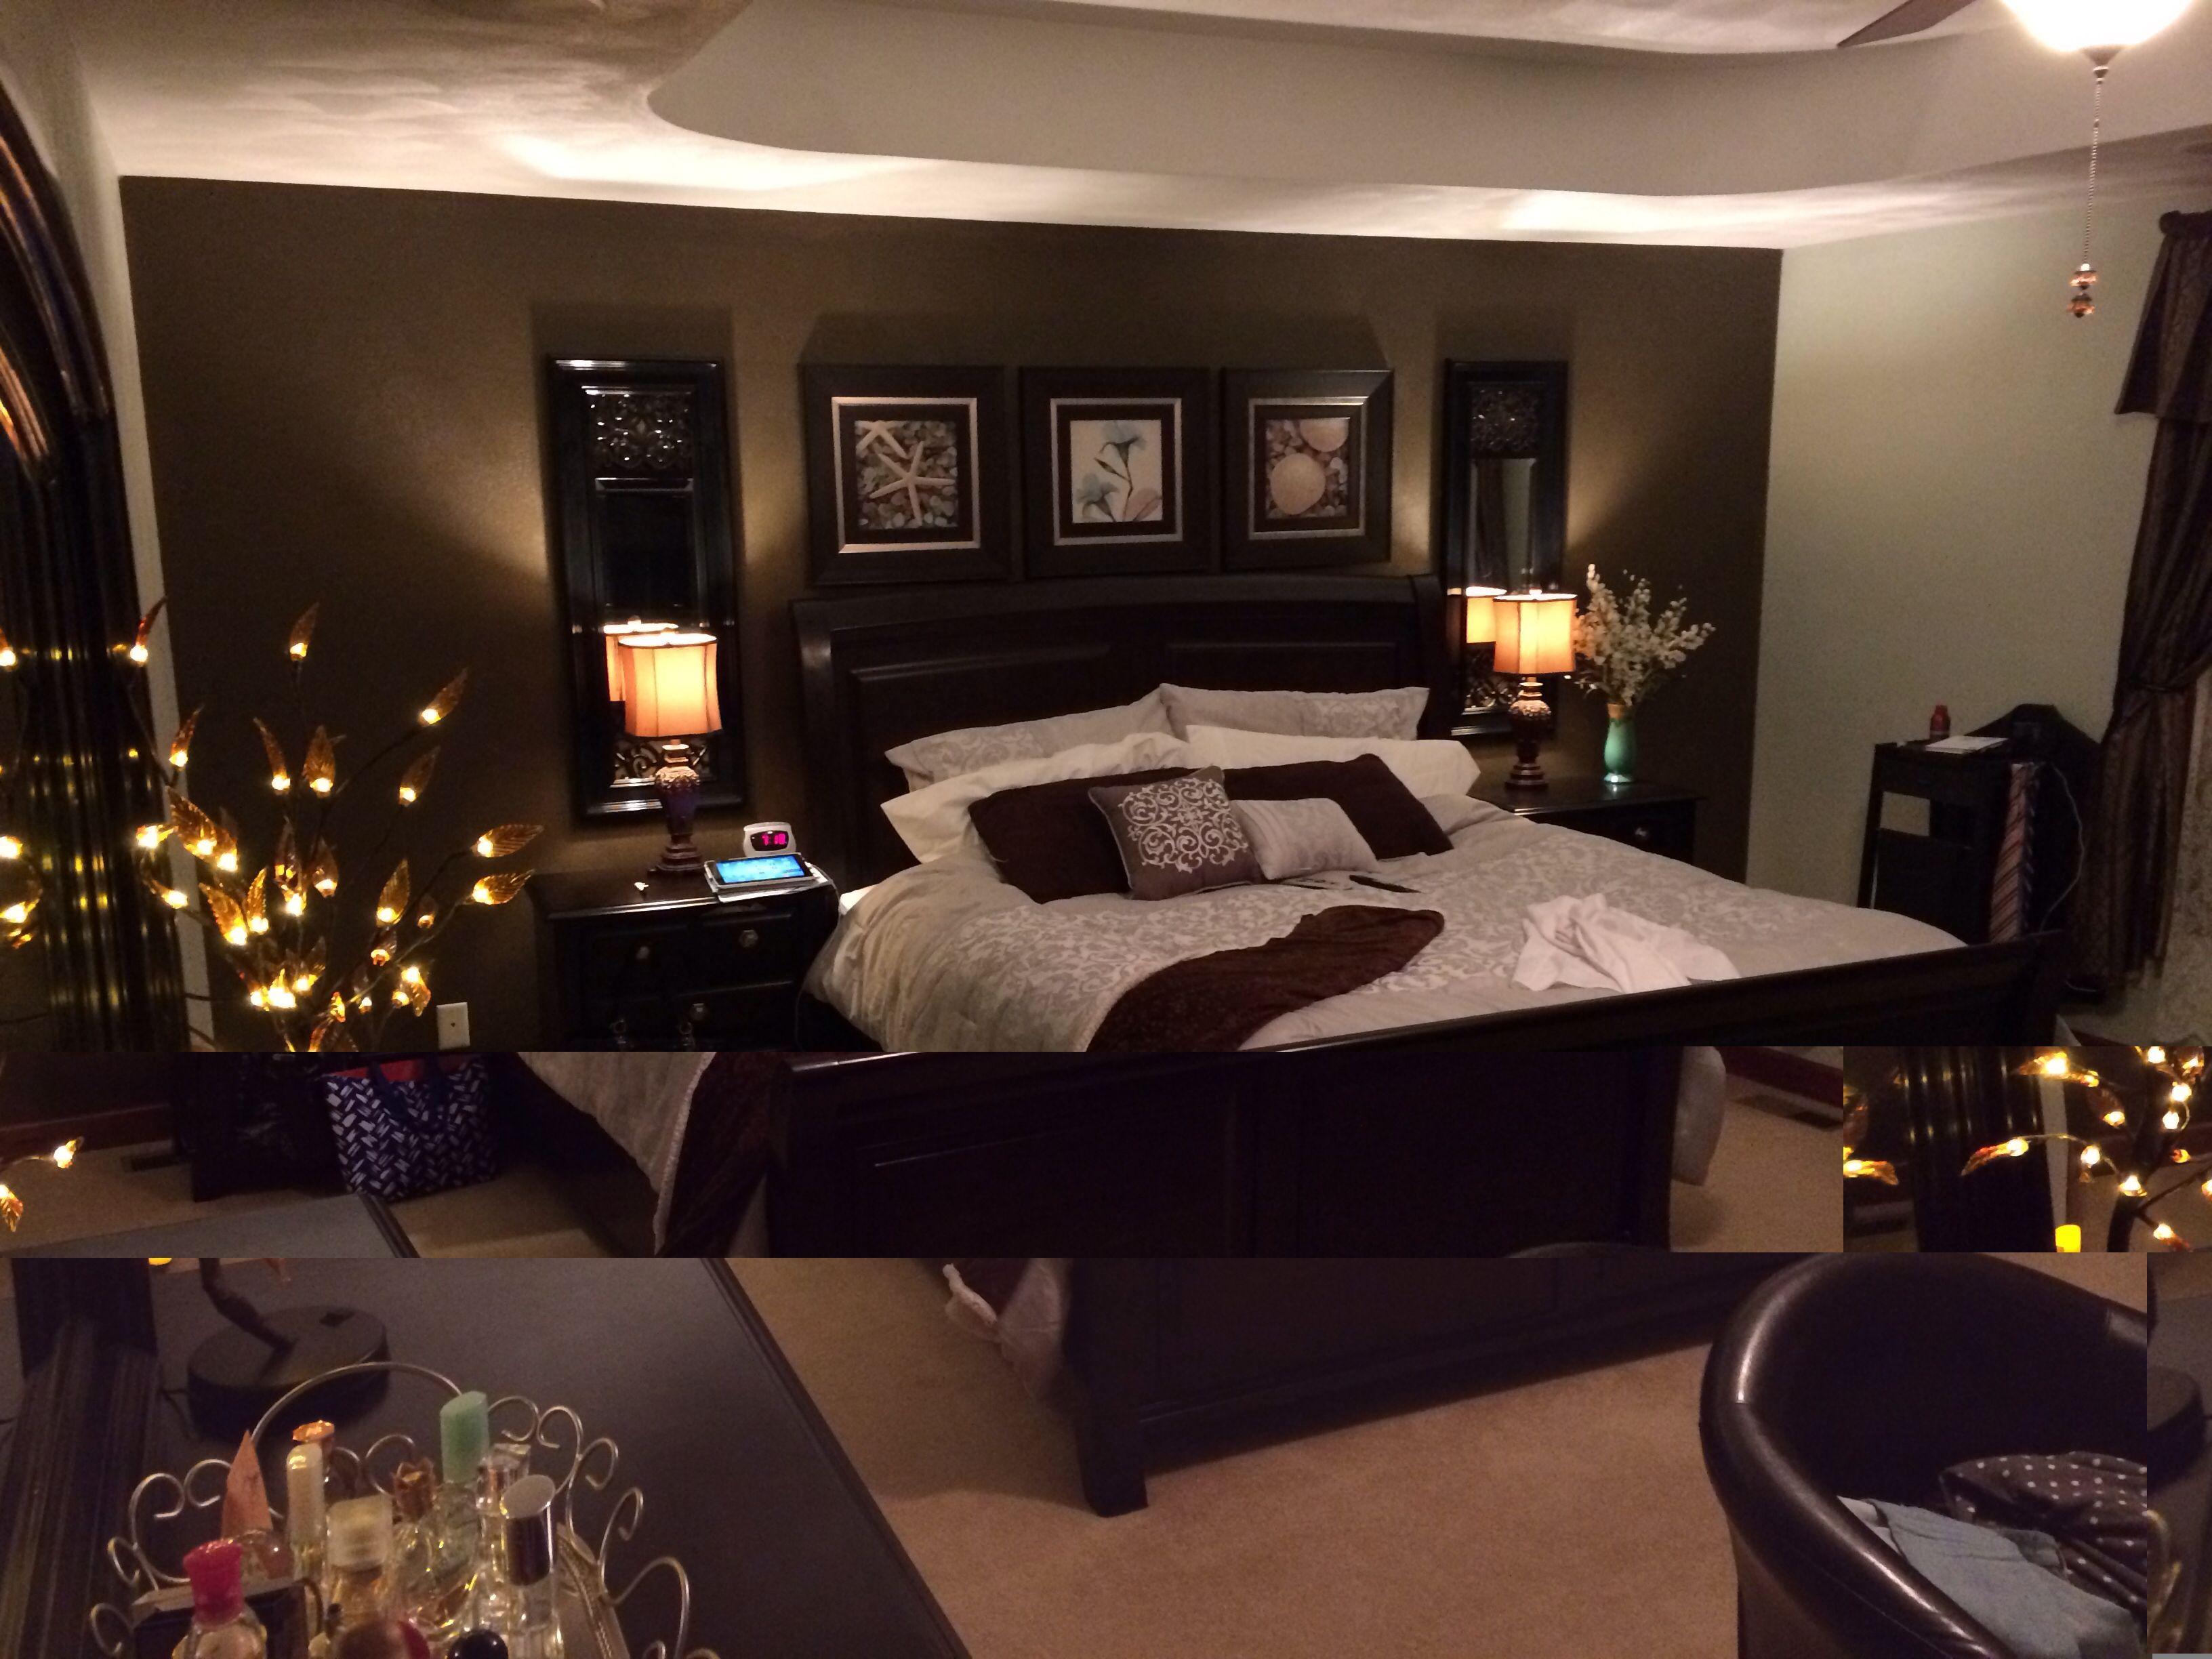 Rosa Und Braun Schlafzimmer Ideen Amazon Wand Kunst Weiss Und Gold Schlafzimmer Schwarz Un In 2020 Bedroom Ideas For Couples Romantic Luxurious Bedrooms Modern Bedroom